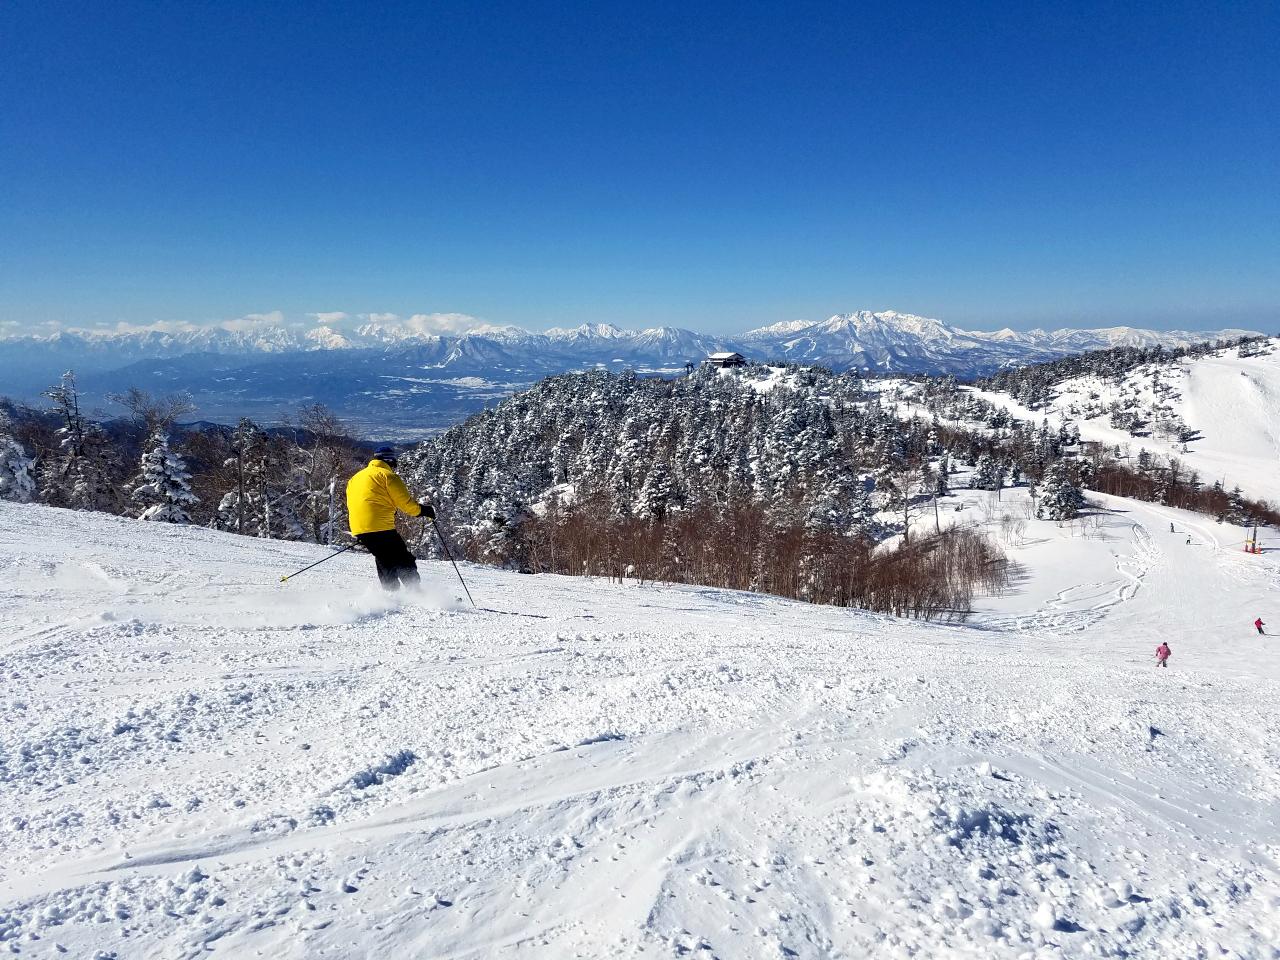 山ノ内町の志賀高原スキー場